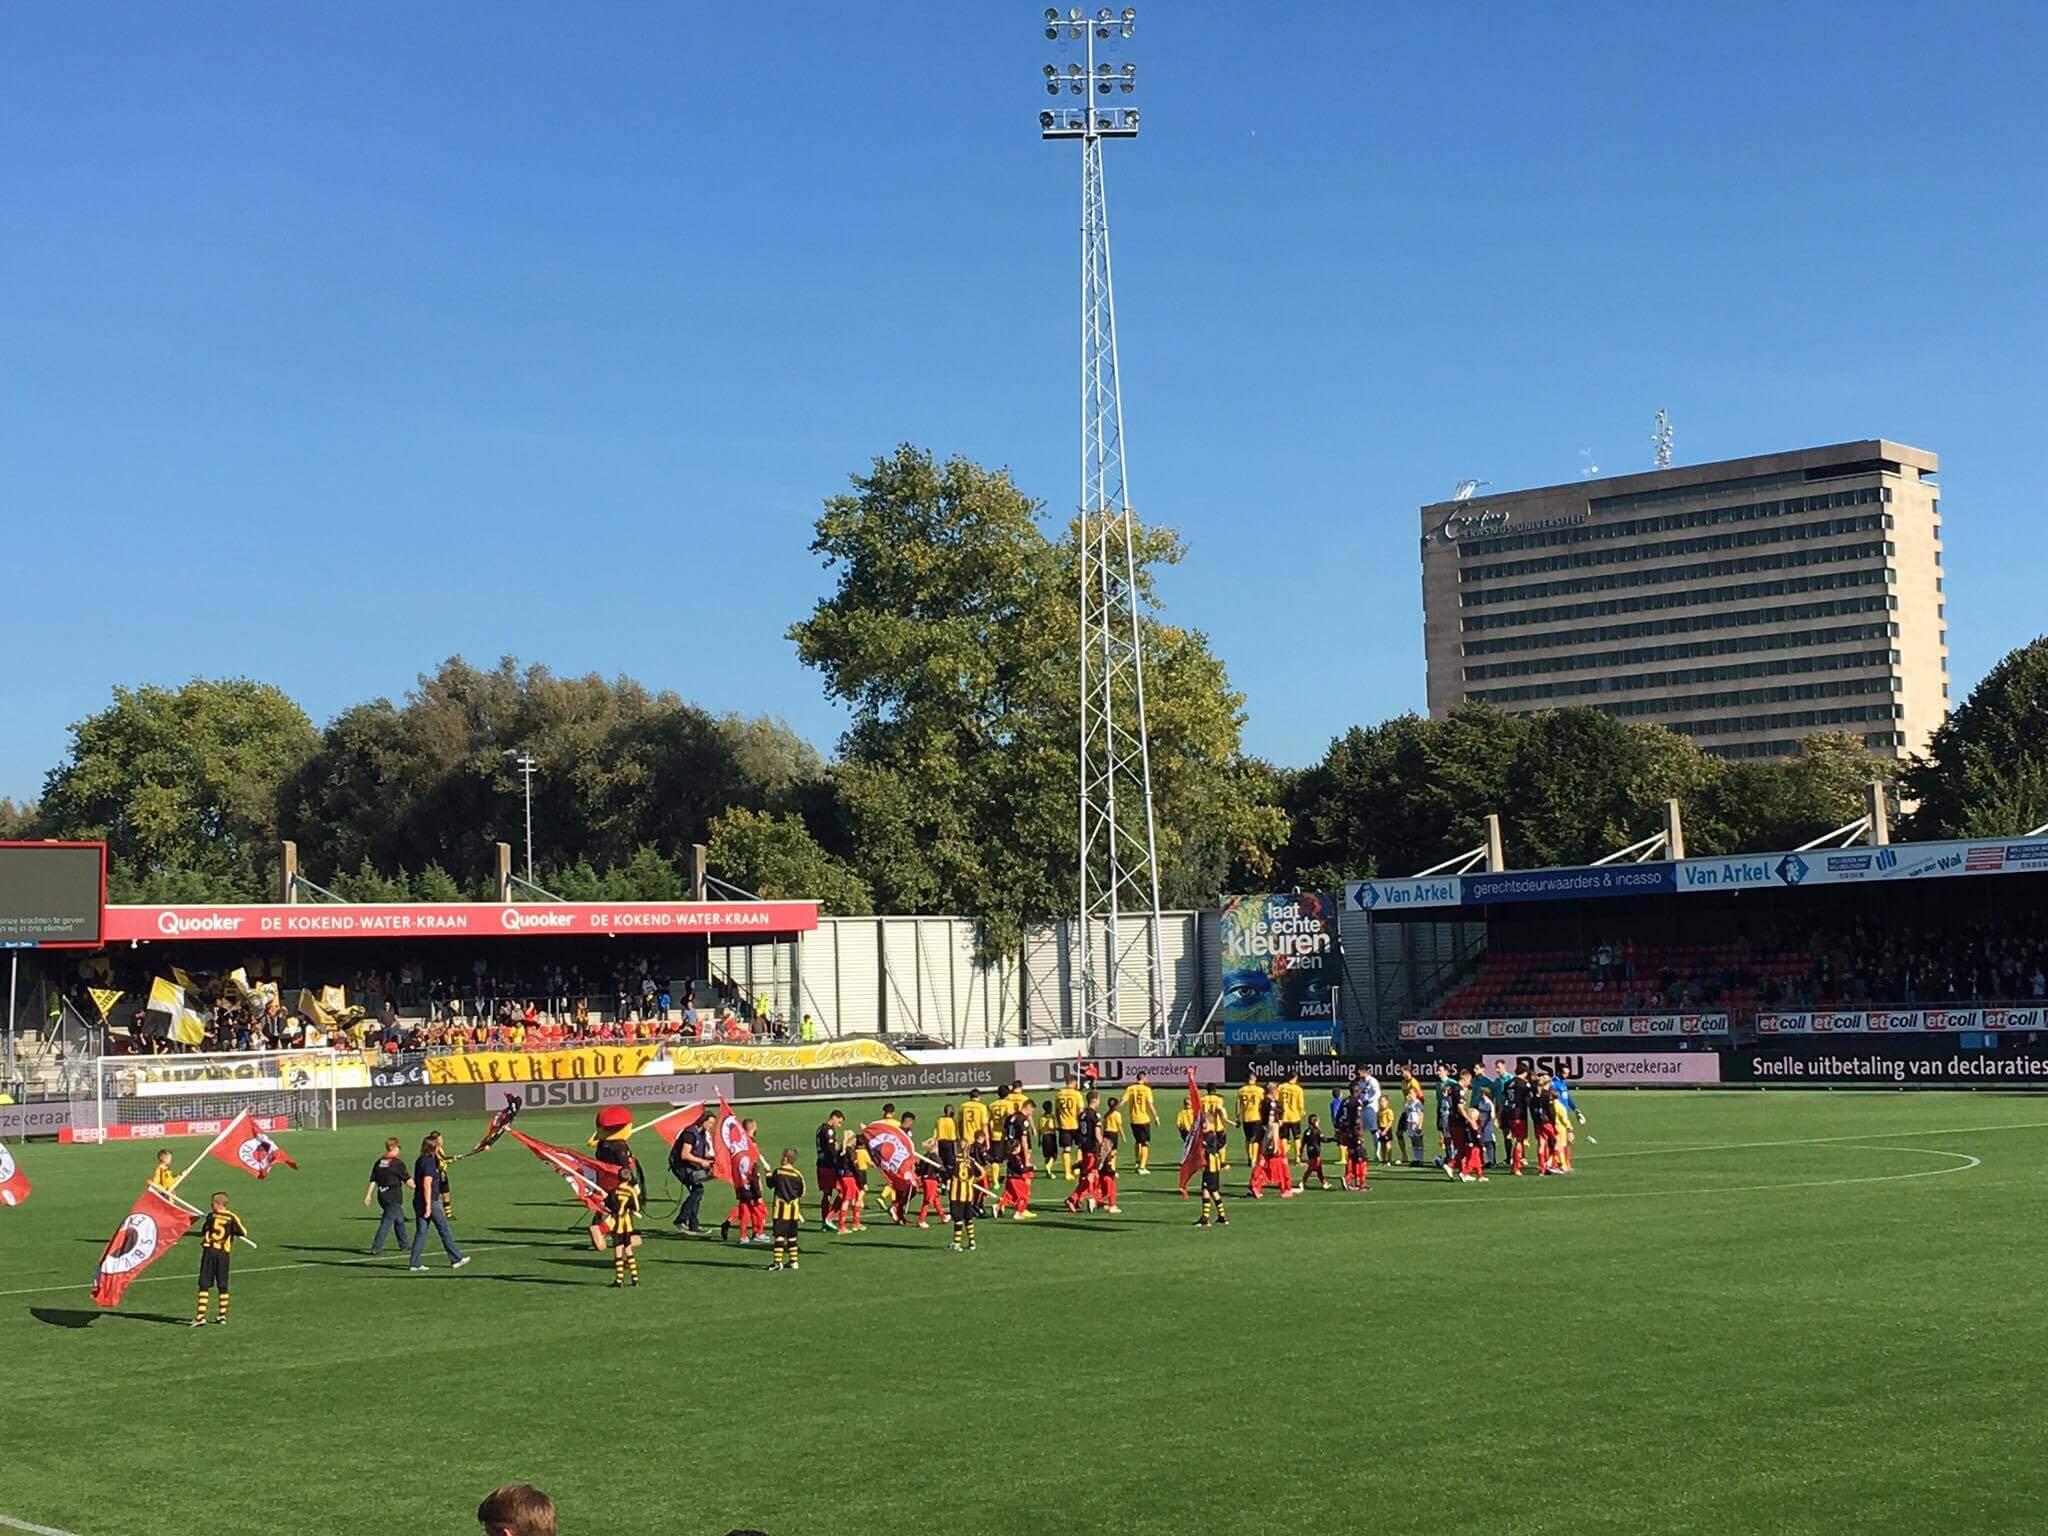 Rotterdam: Van Donge & De Roo Stadion - Woudestein